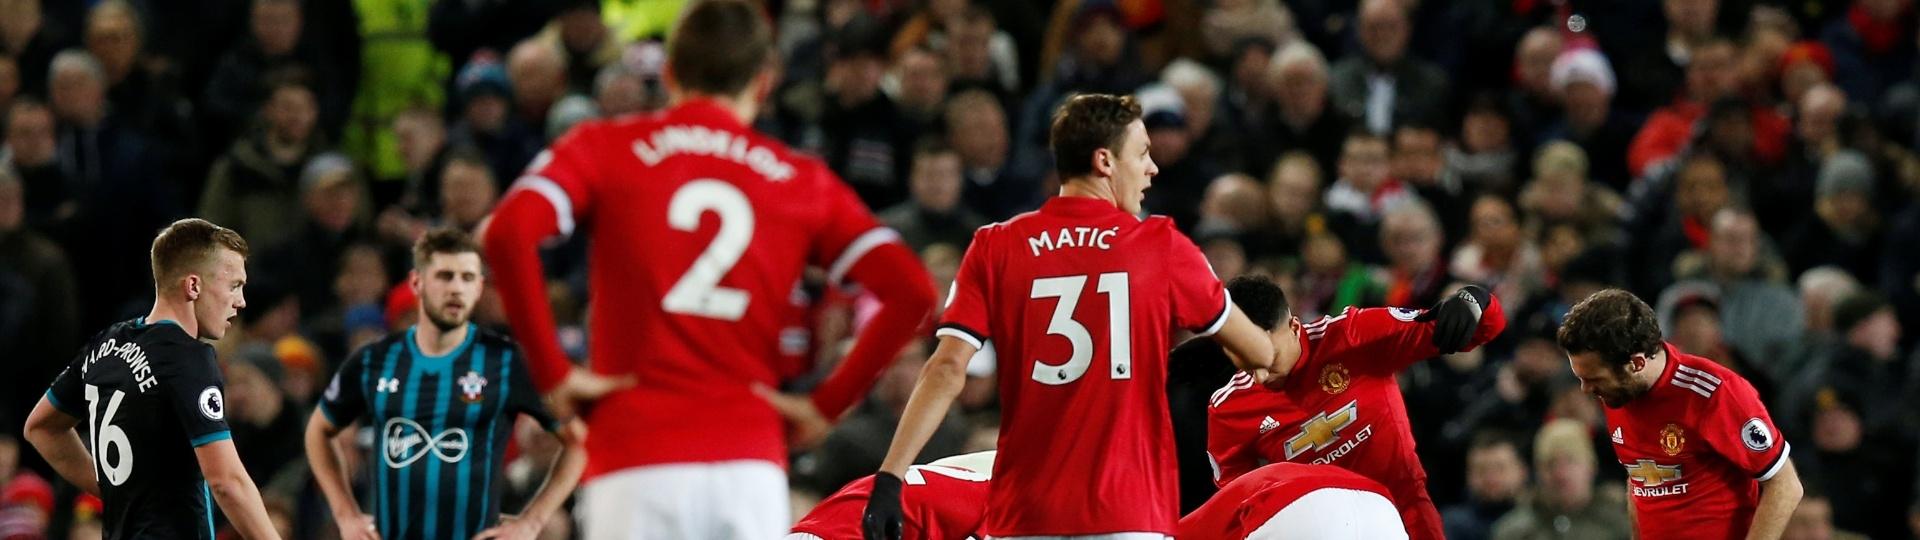 Lukaku cai após choque de cabeça no jogo entre Manchester United e Southampton